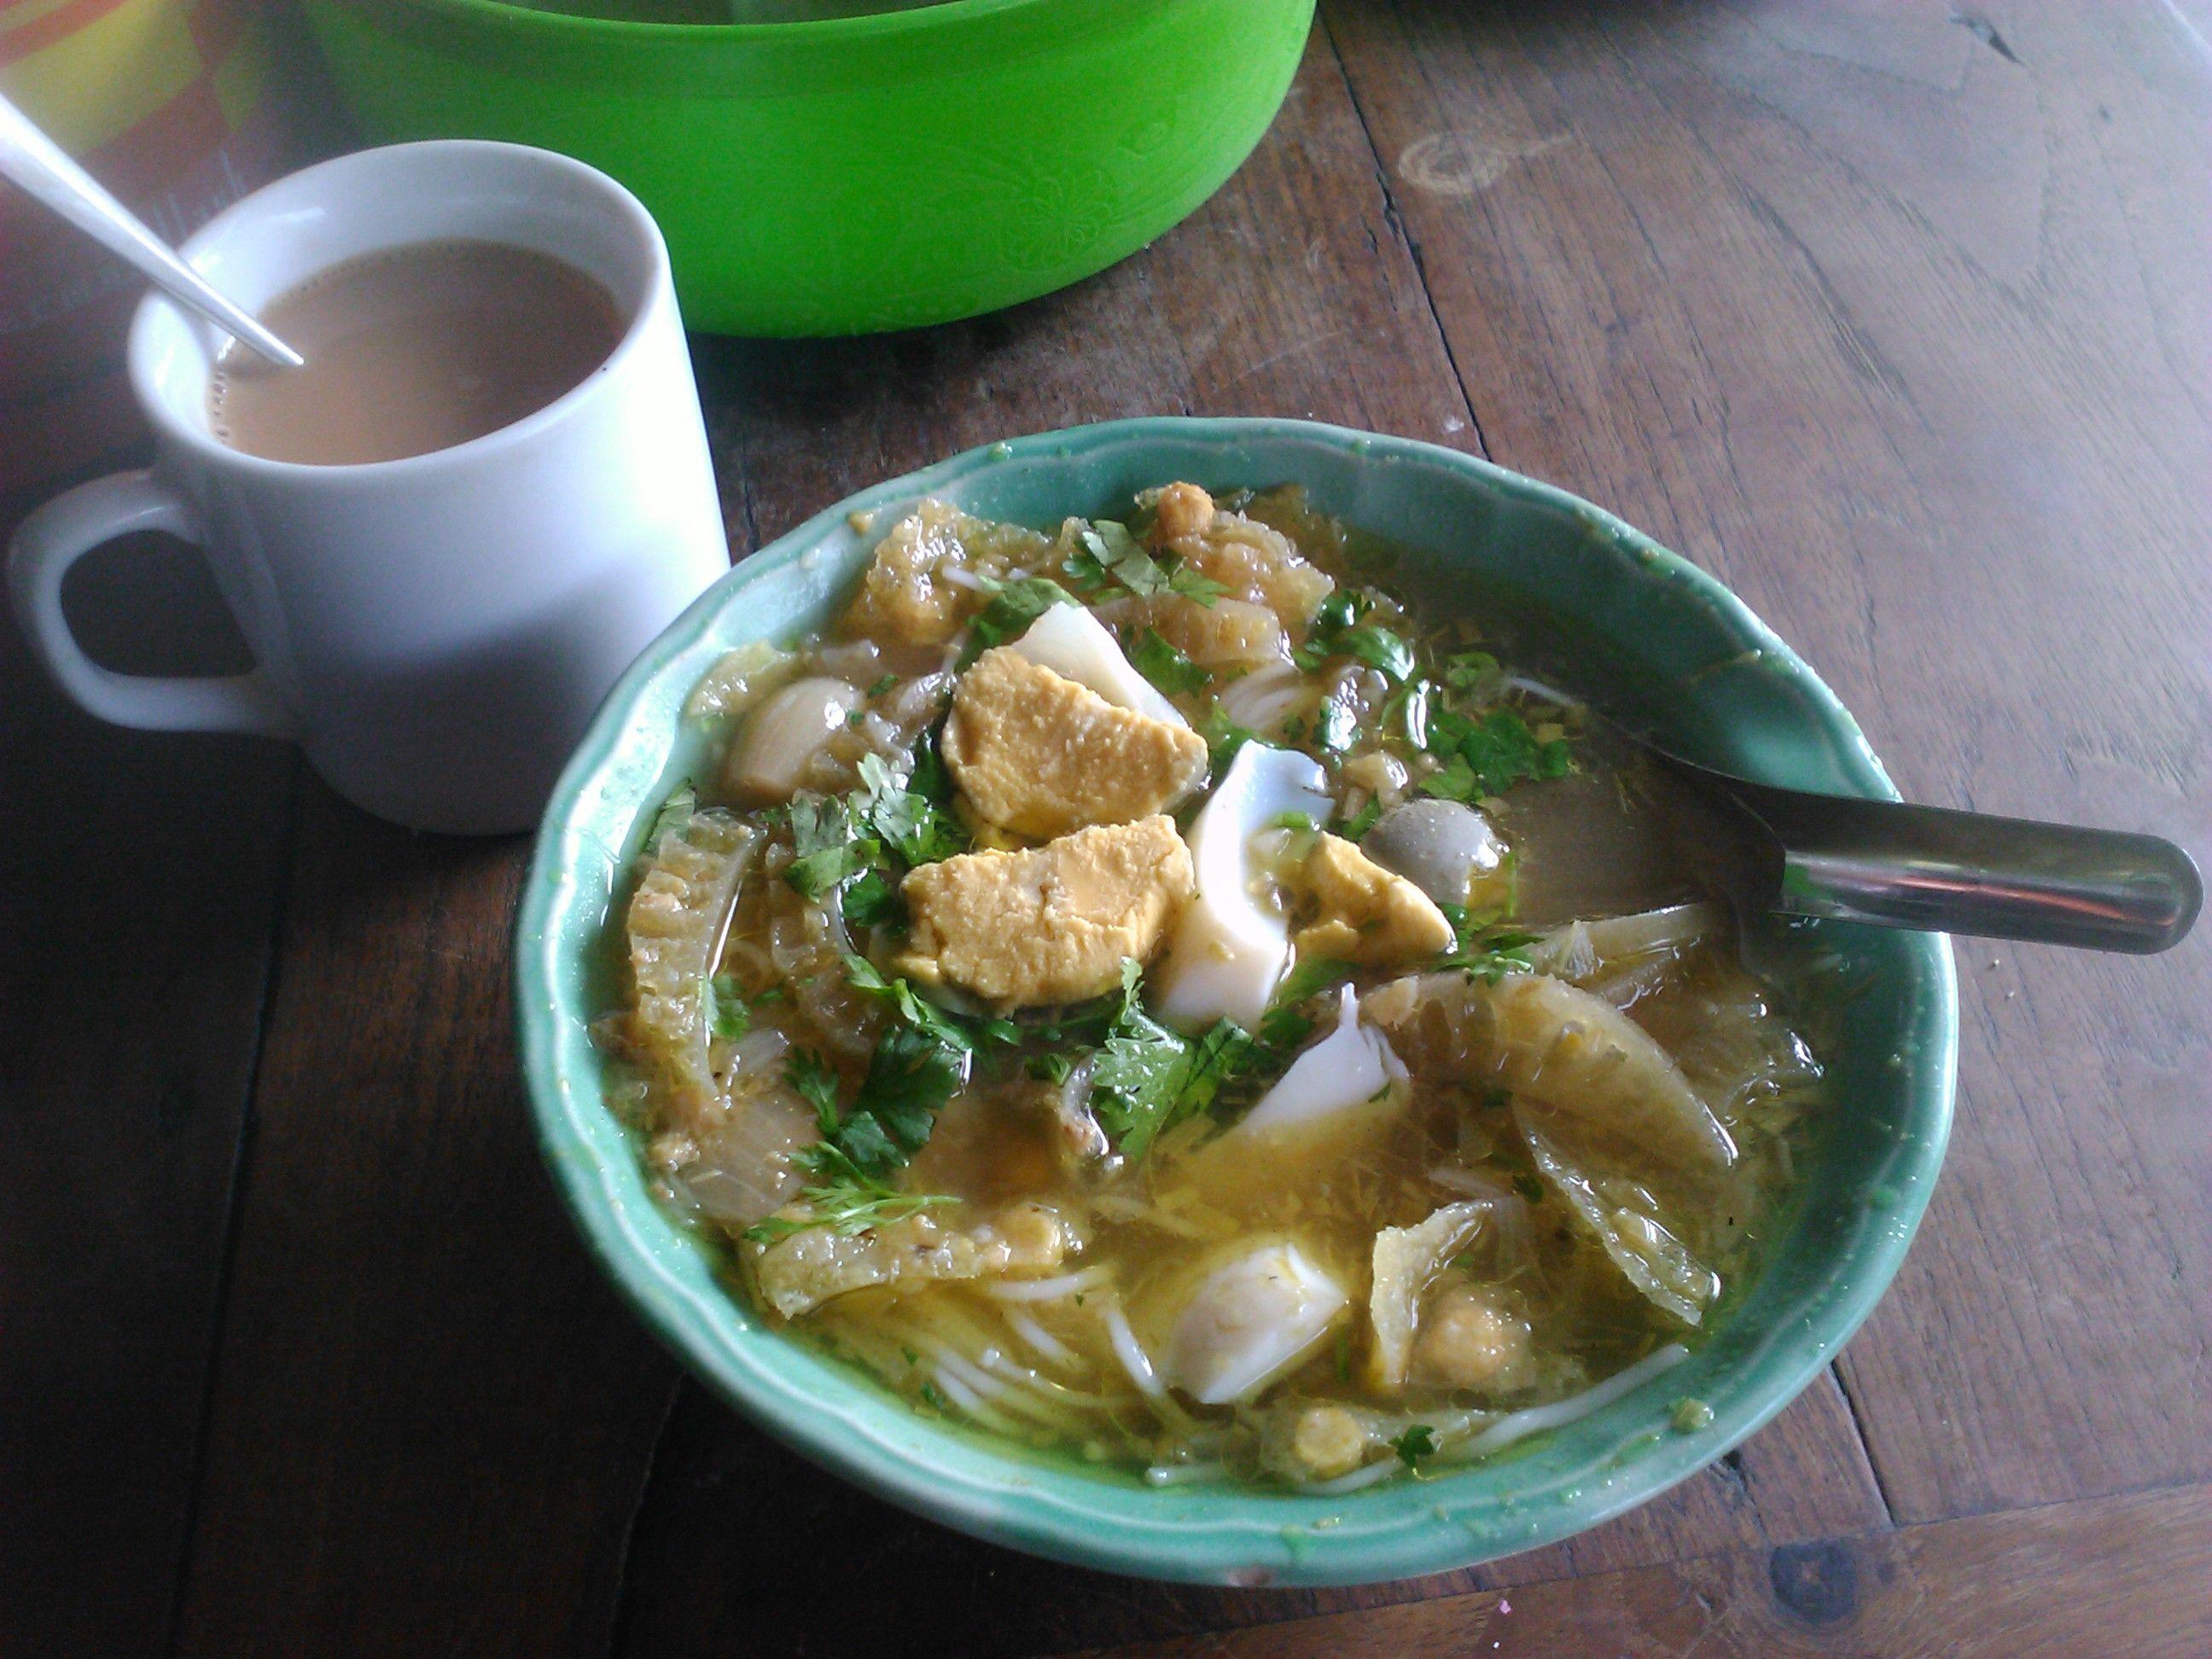 Mohinga. Diese magische Suppe, die mich immer glücklich macht. Du kennst Mohinga nicht? Dann lies meinen Artikel :) https://foodtravelhappinessblog.wordpress.com/2016/03/12/mohinga-2/